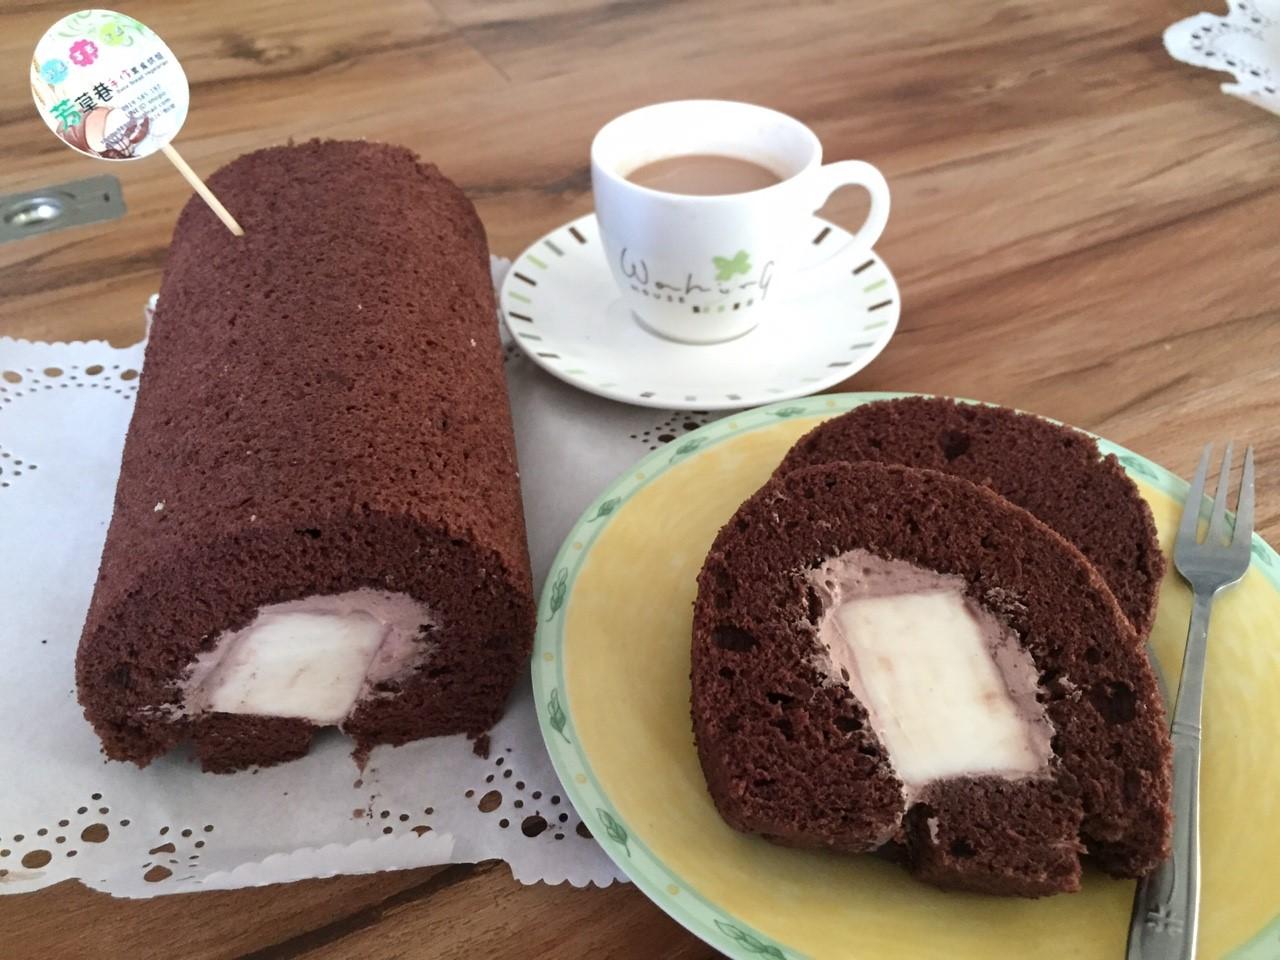 堅持新鮮現作手工巧克力奶凍捲450g - 芳草巷手作素食工坊